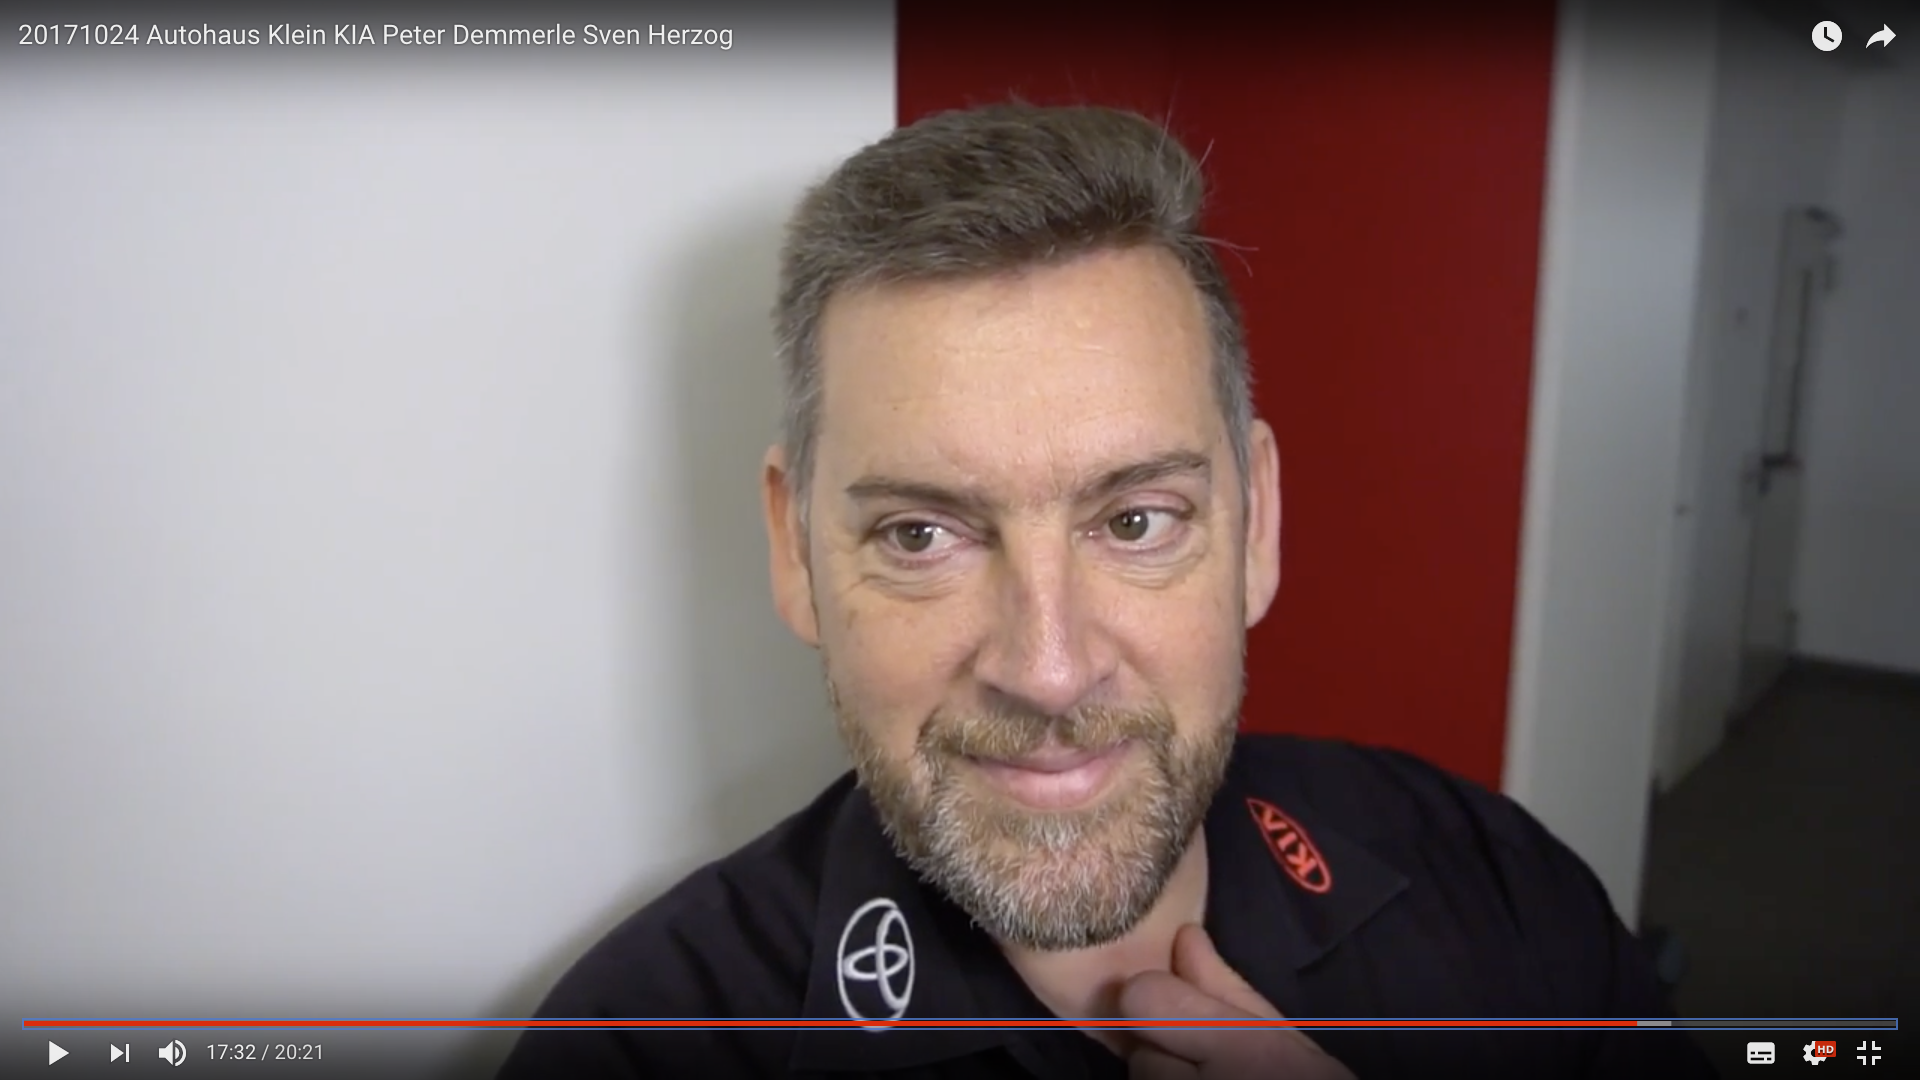 2017 Autohaus Klein KIA Peter Demmerle _MSM_MEDIEN_SAAR_MOSEL_SAARLAND_FERNSEHEN_1_ED_SAAR